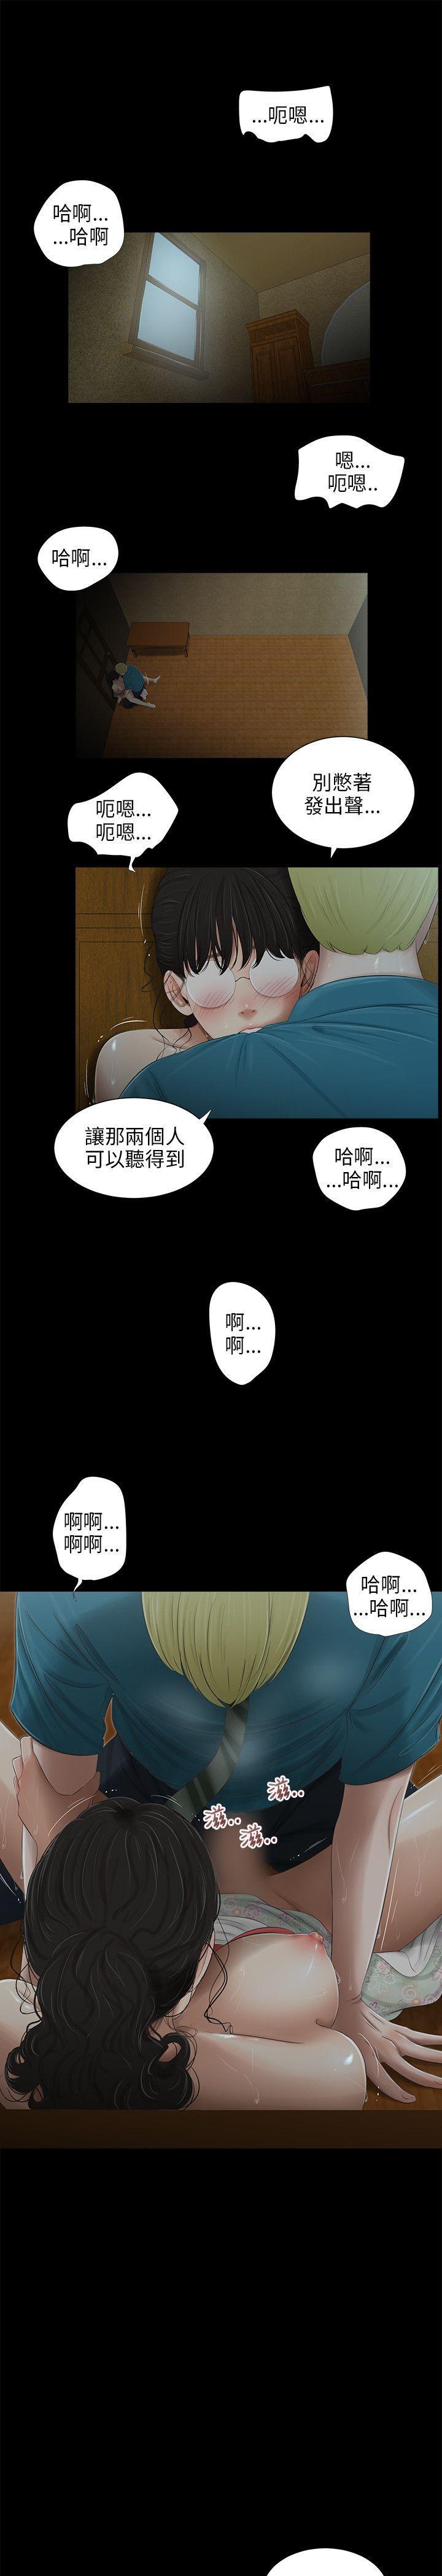 三姐妹 47-50 Chinese 20